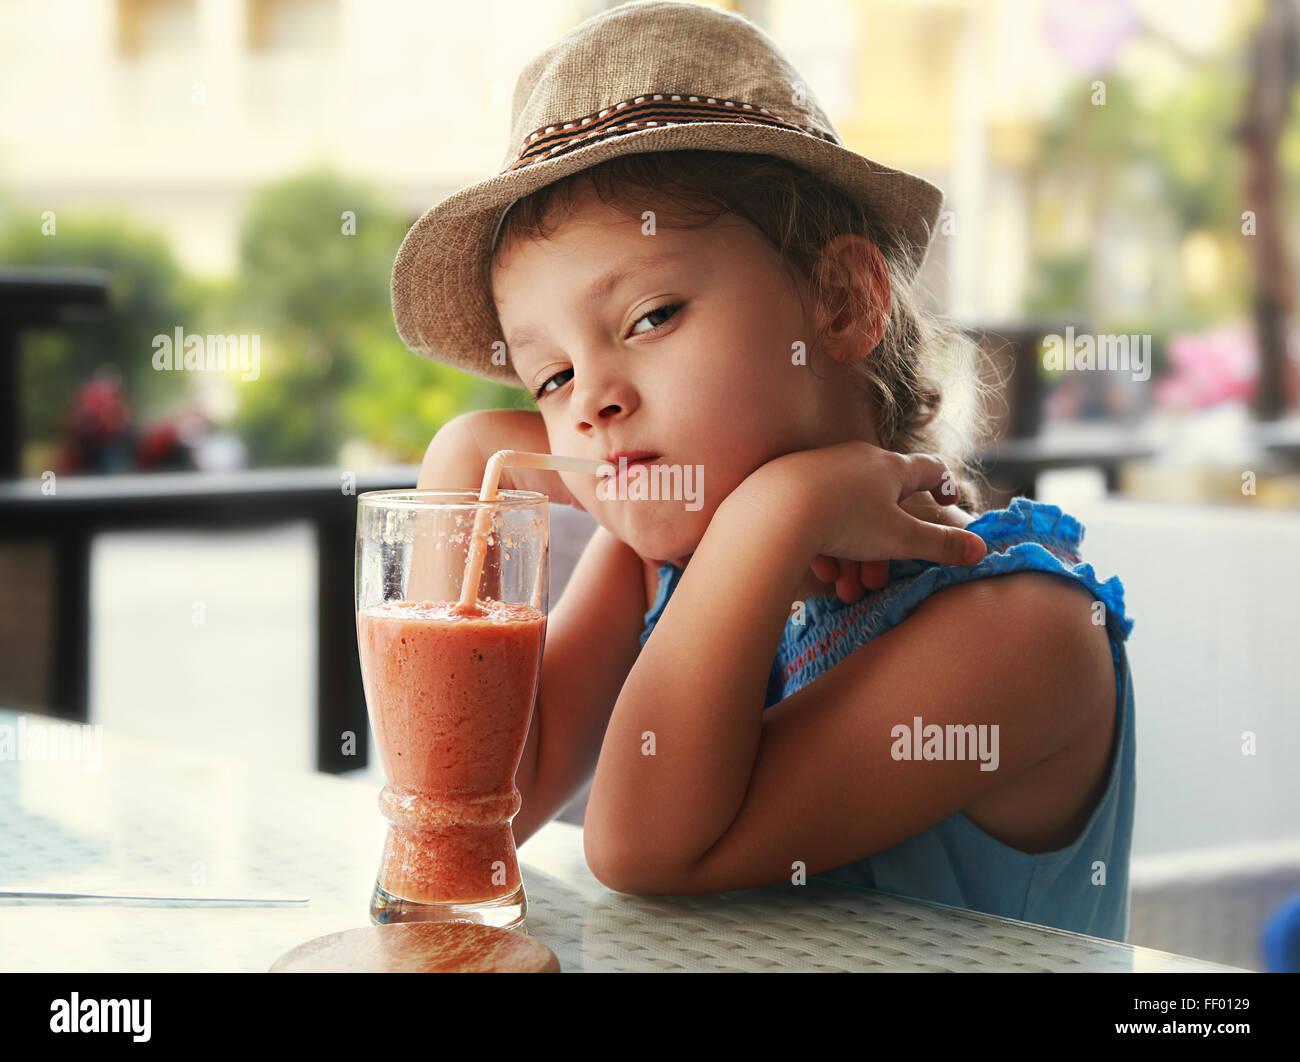 Bravo ragazzo serio ragazza vitamina bere succo smoothie in street cafe e ricerca Immagini Stock